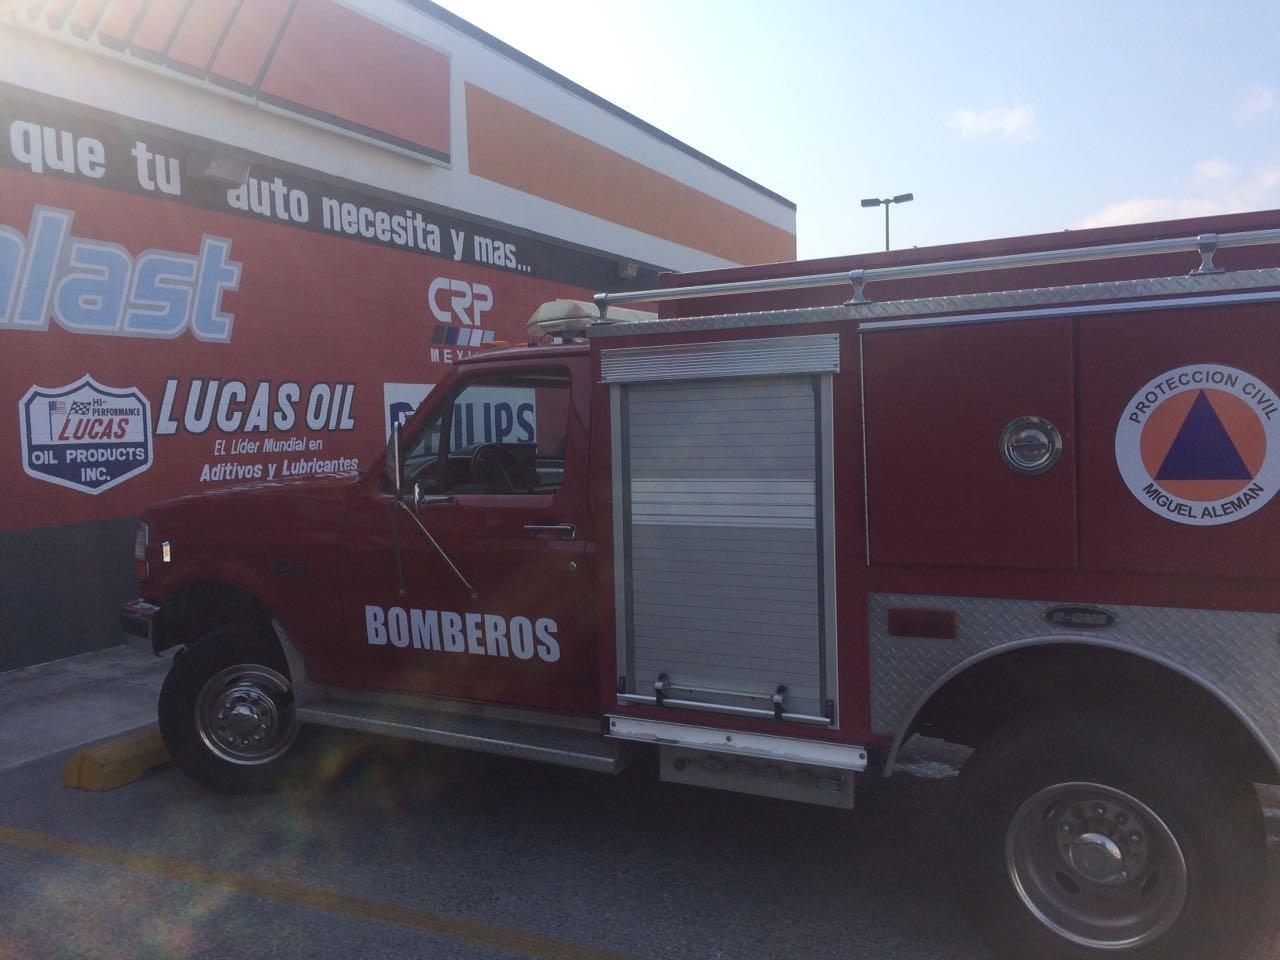 BOMBEROS. Elementos de Bomberos también participaron durante el simulacro de sismo y evacuación de una tienda de refacciones de la localidad.